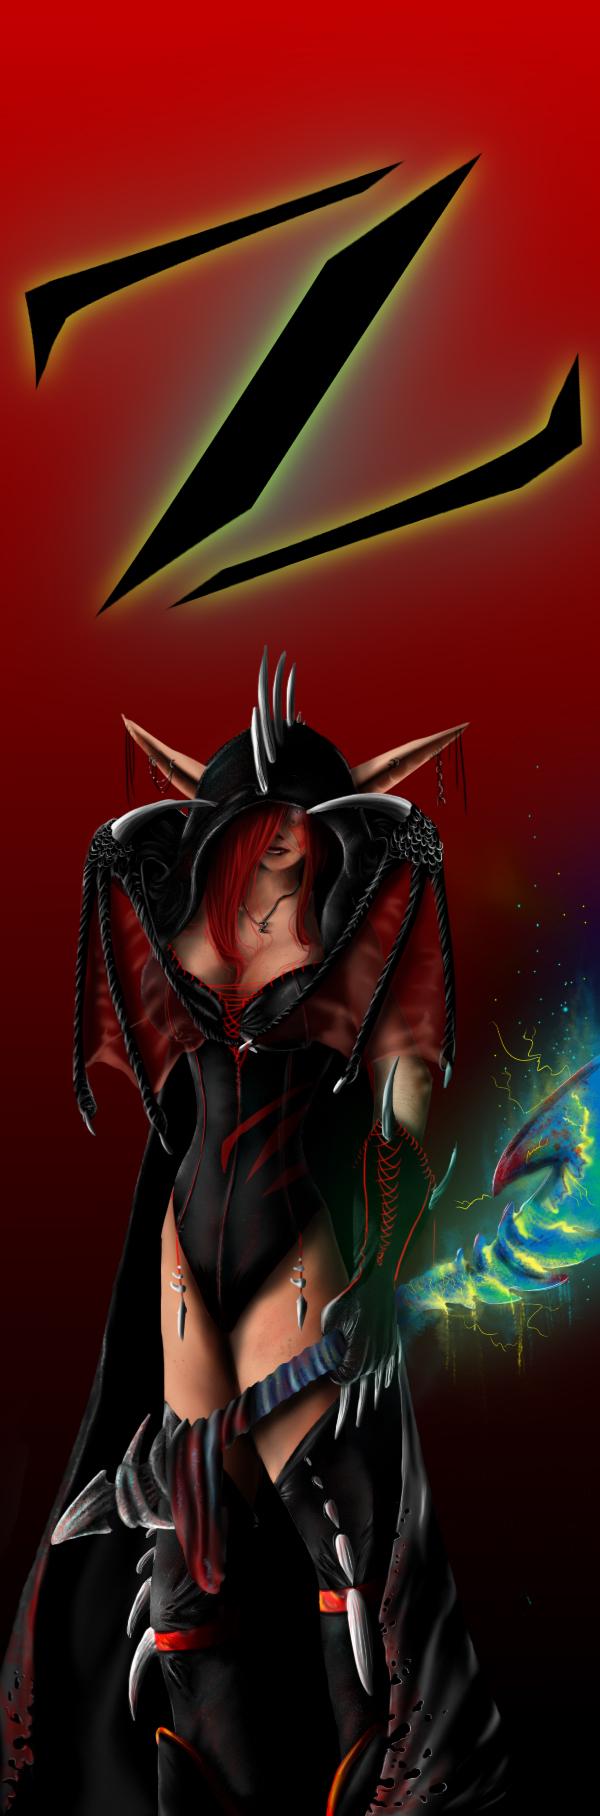 Zanziabar's Profile Picture